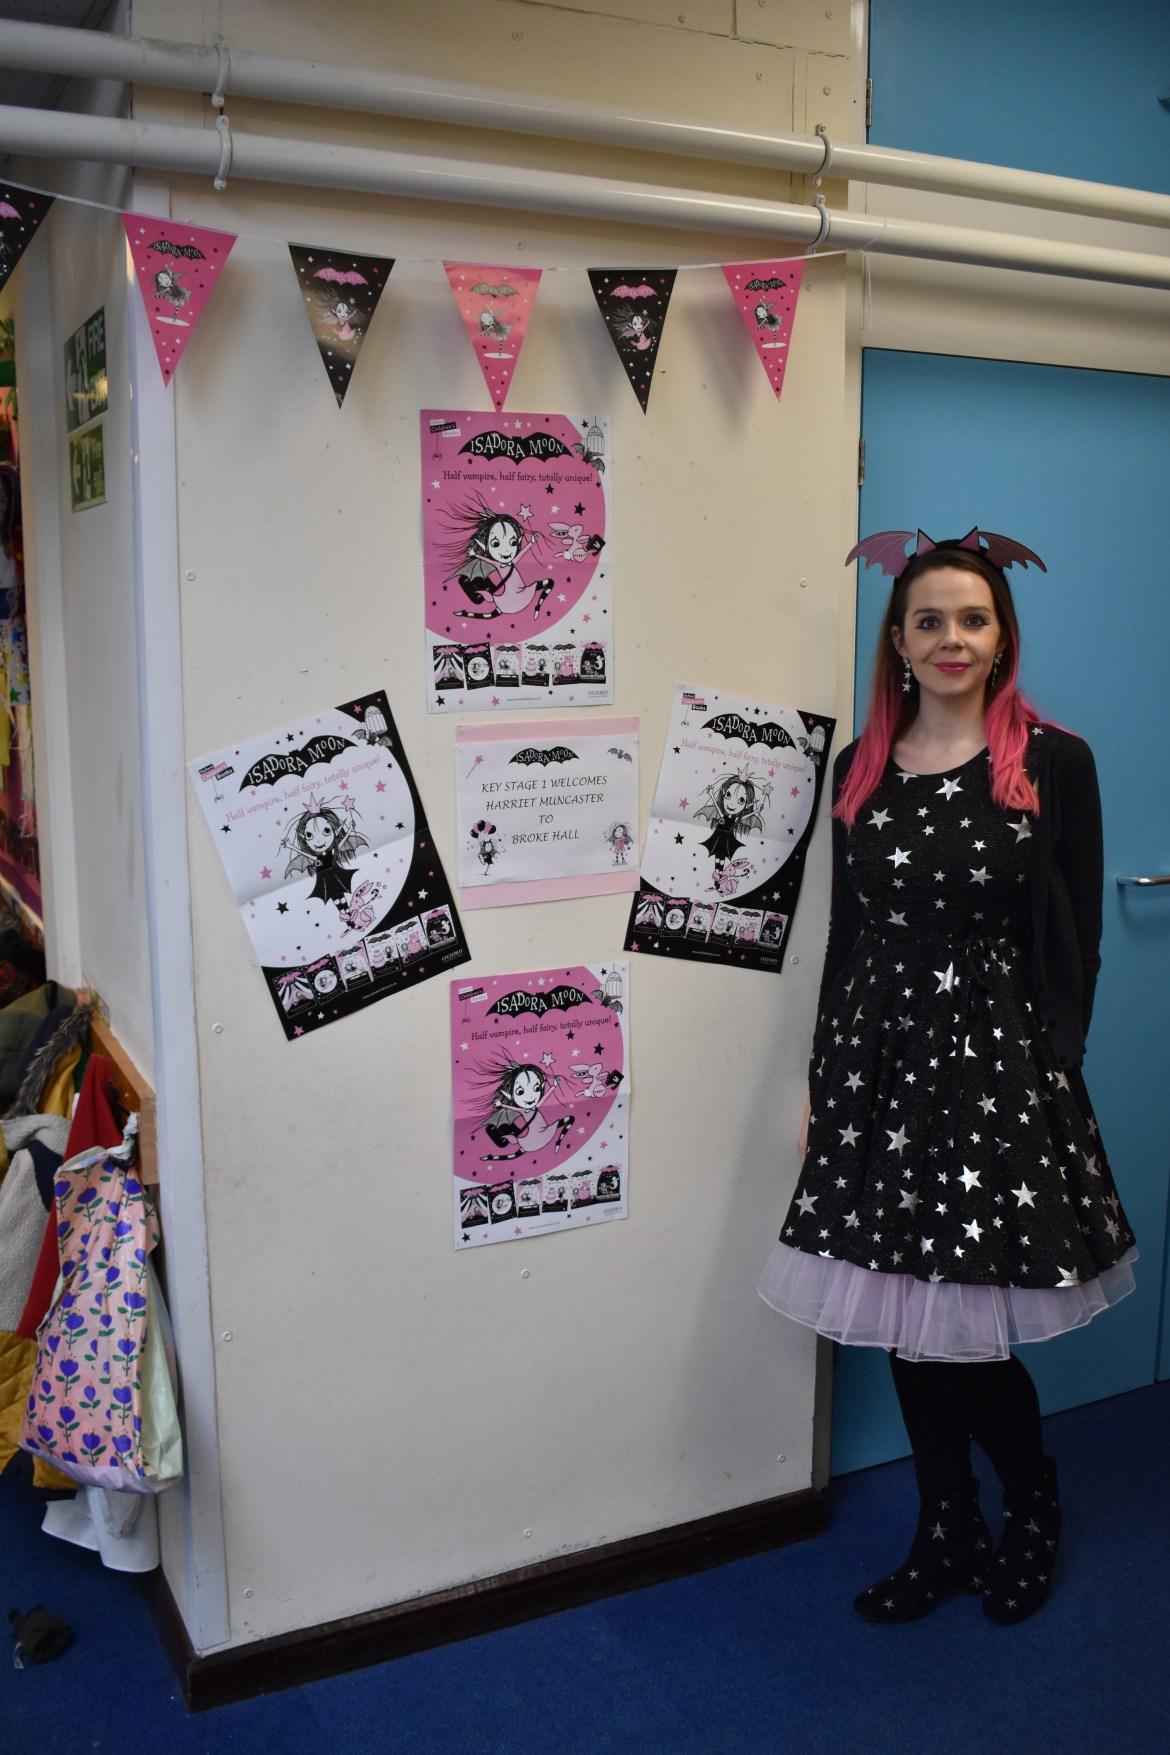 Harriet Muncaster at Broke Hall School Ipswich with Display